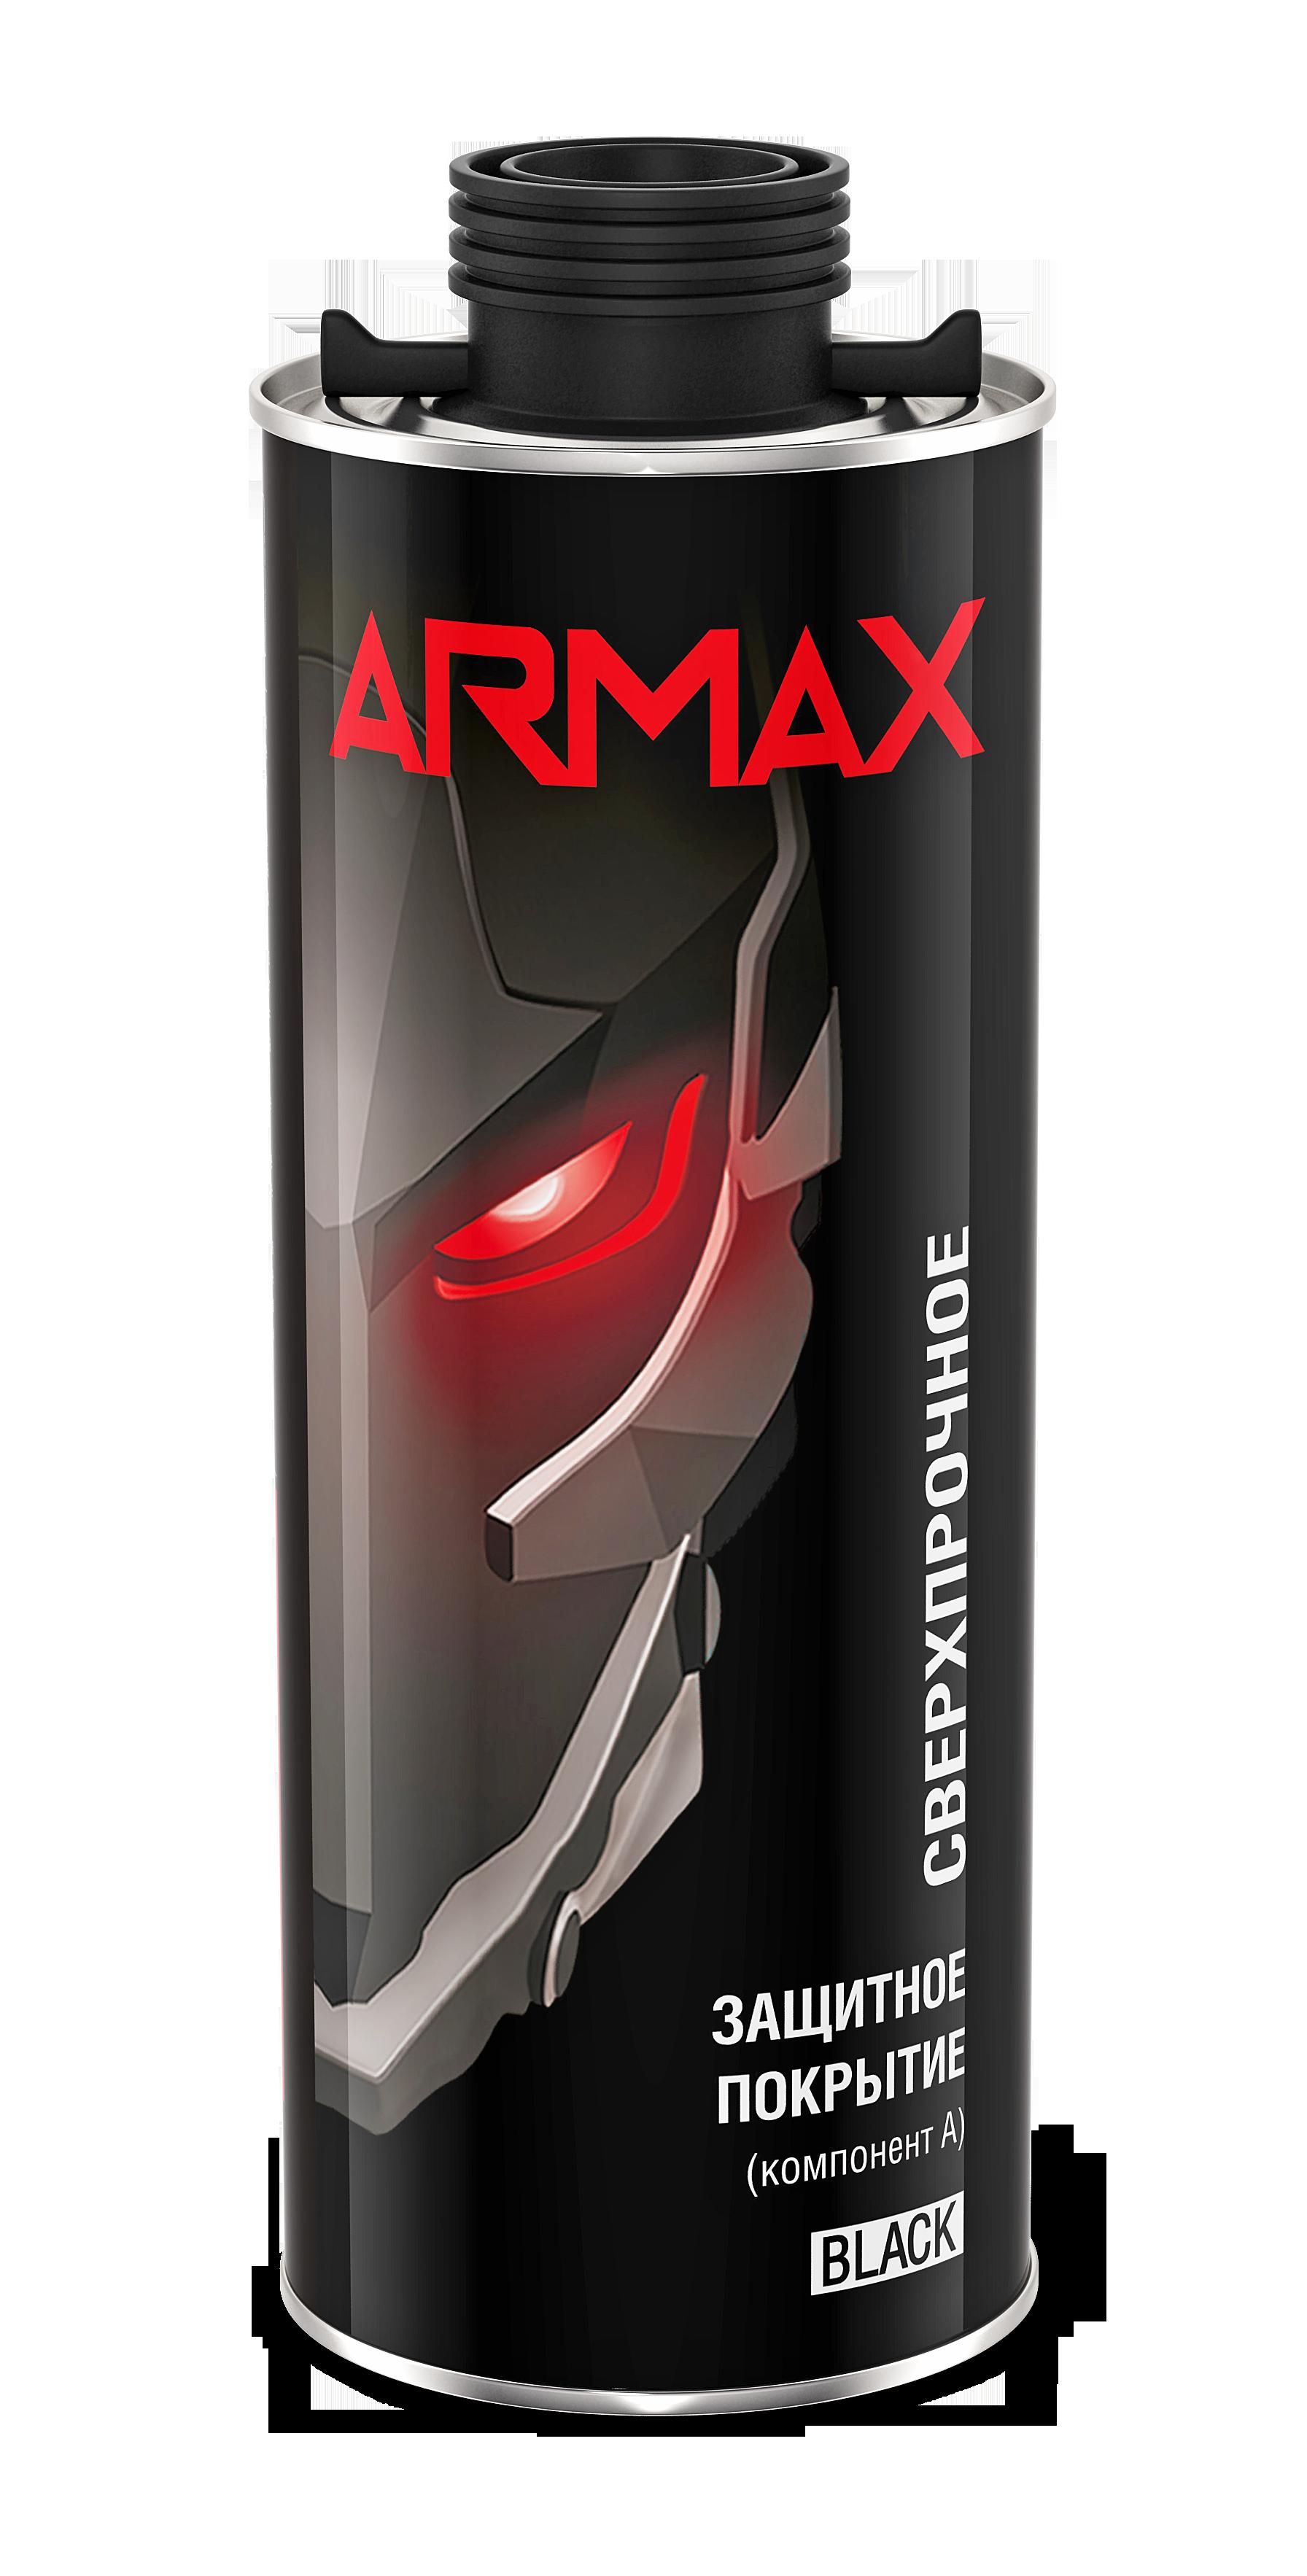 Покрытие Armax повышенной прочности (компонент А)